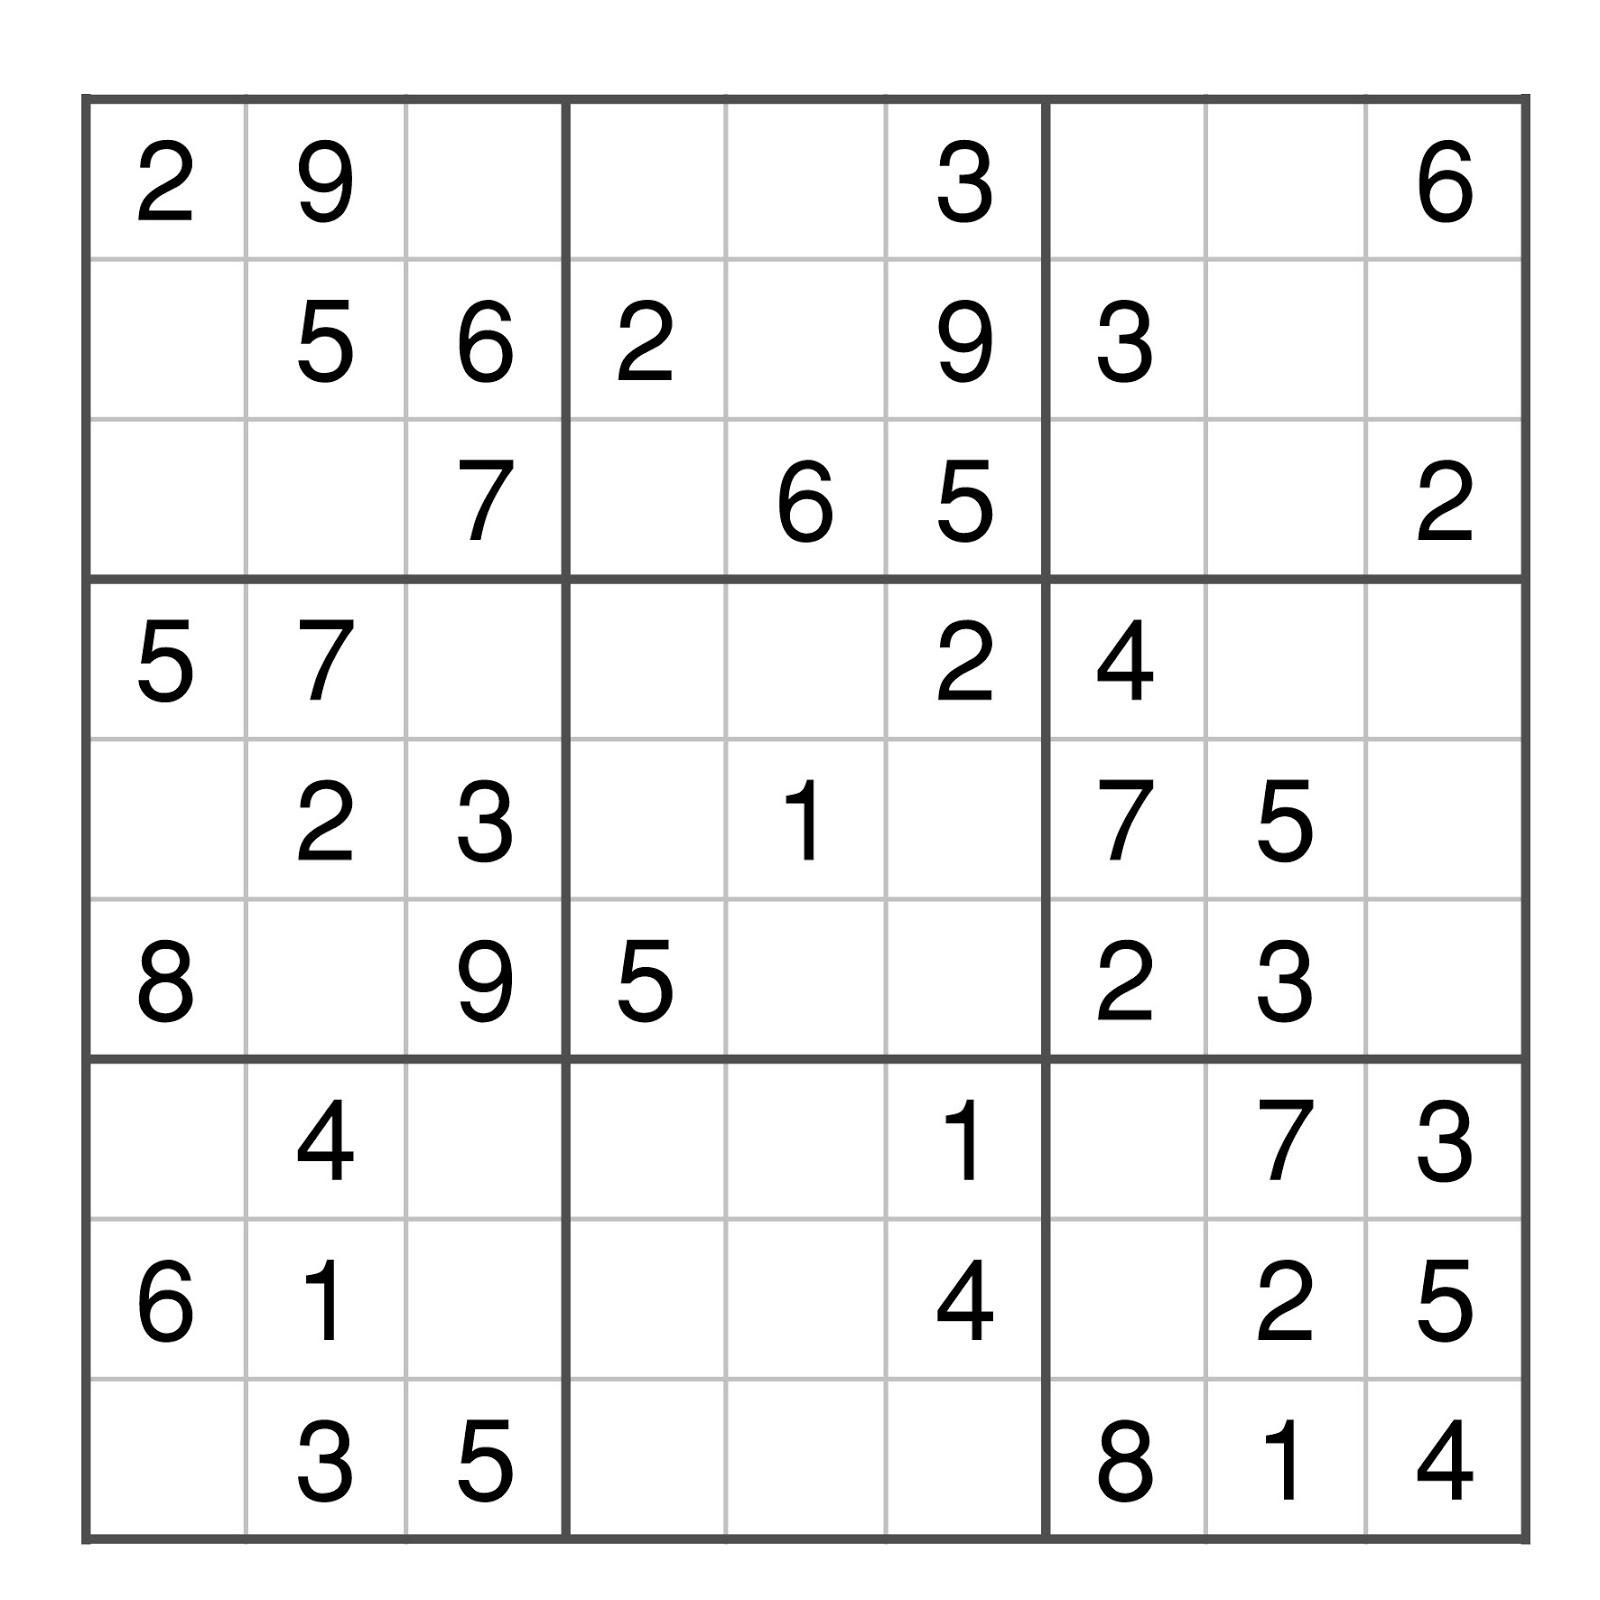 Jeu De Sudoku En Ligne Gratuit encequiconcerne Sudoku Gratuit Enfant